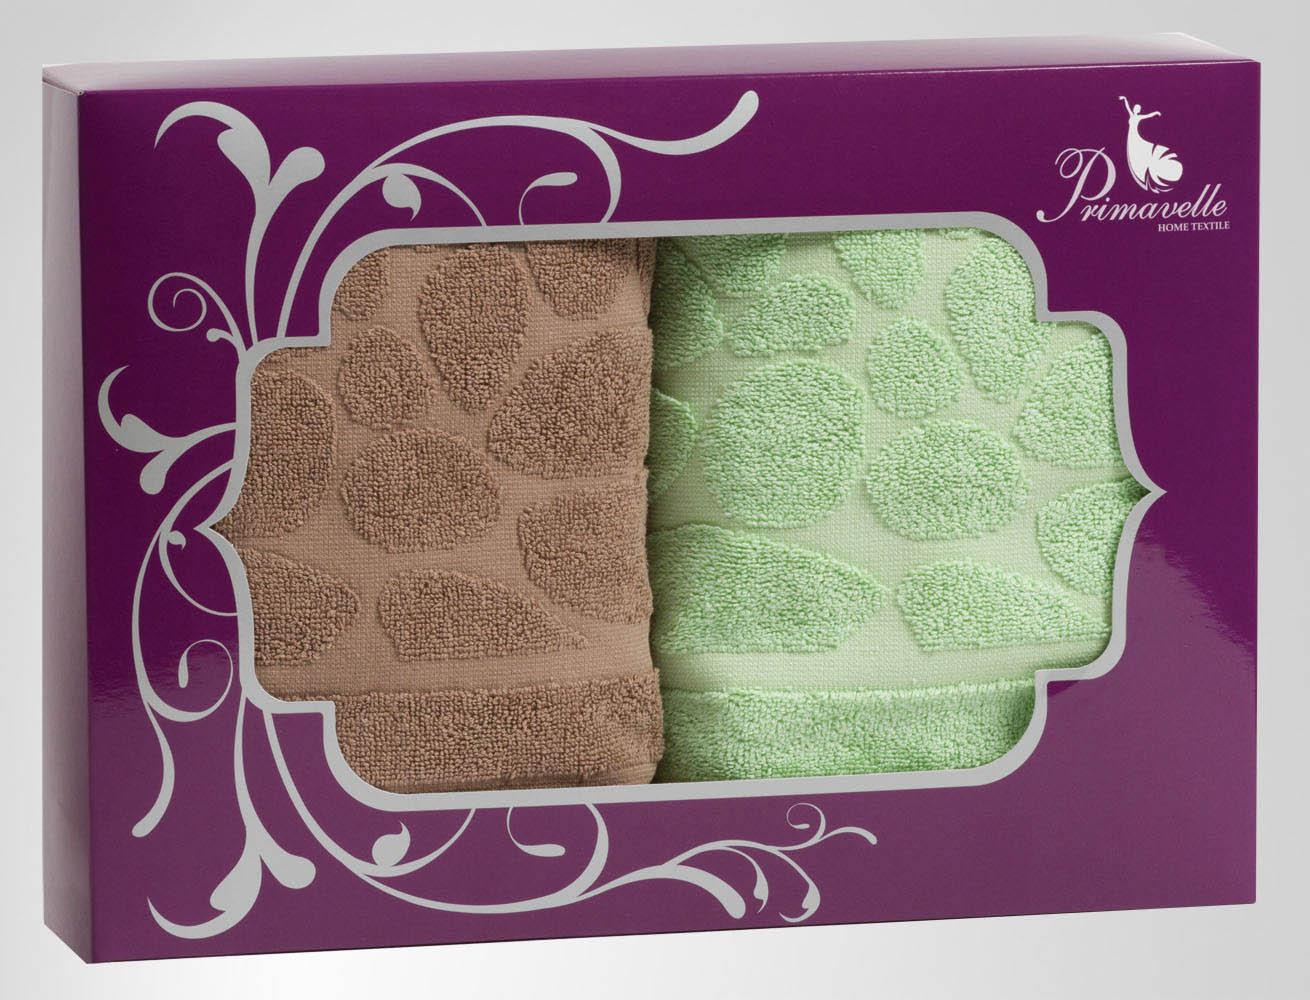 Полотенца Primavelle Полотенце Piera Цвет: Коричневый+Зеленый (50х90 см - 2 шт) цена и фото